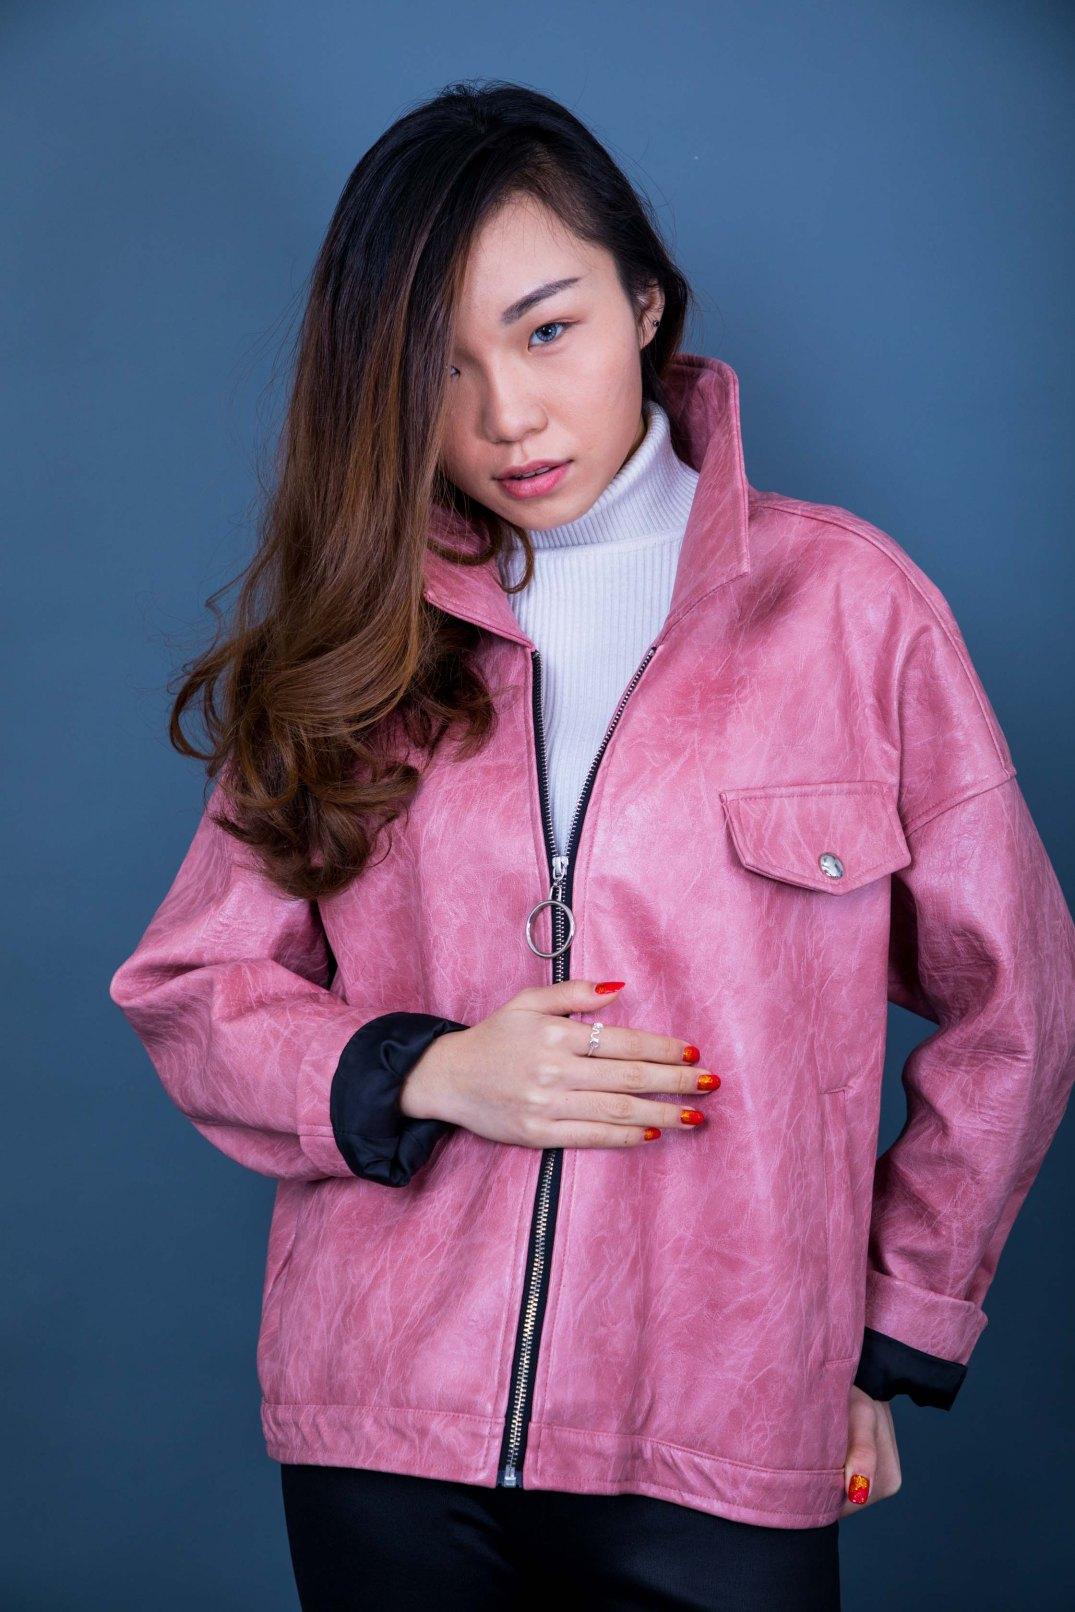 時裝服裝攝影 fashion Photography paulstylist_Zifonia-15